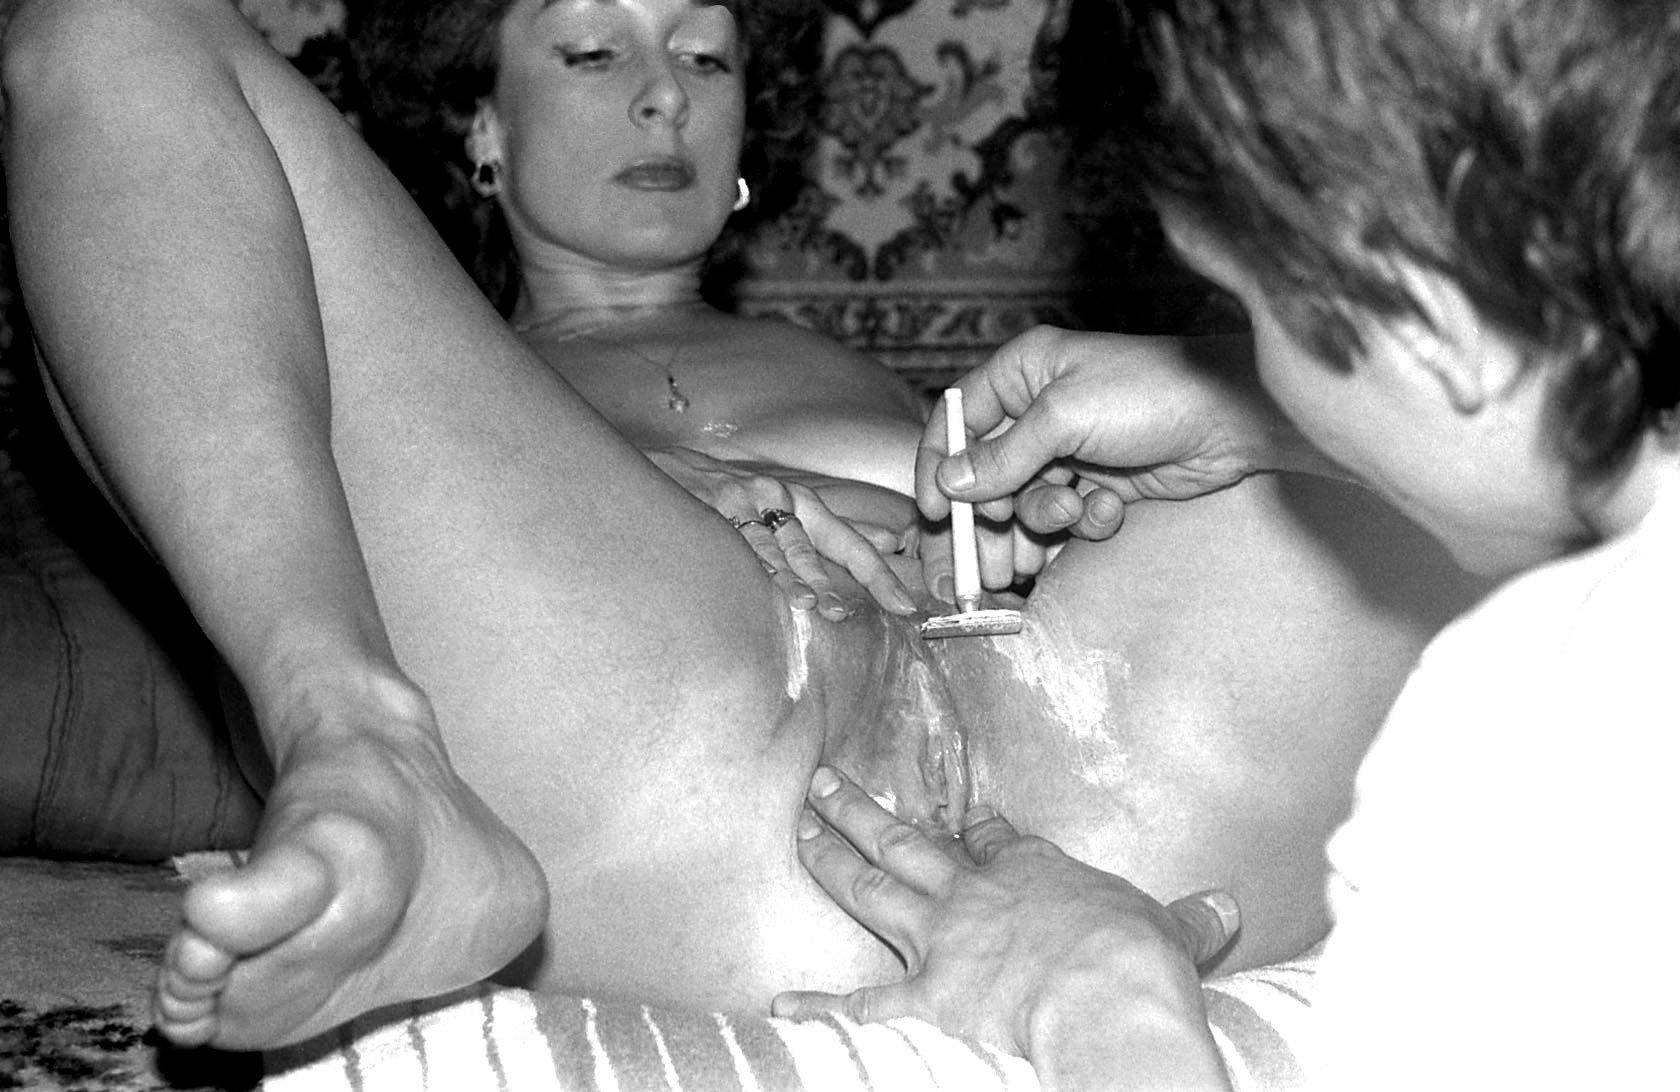 порно фото из советского союза - 8